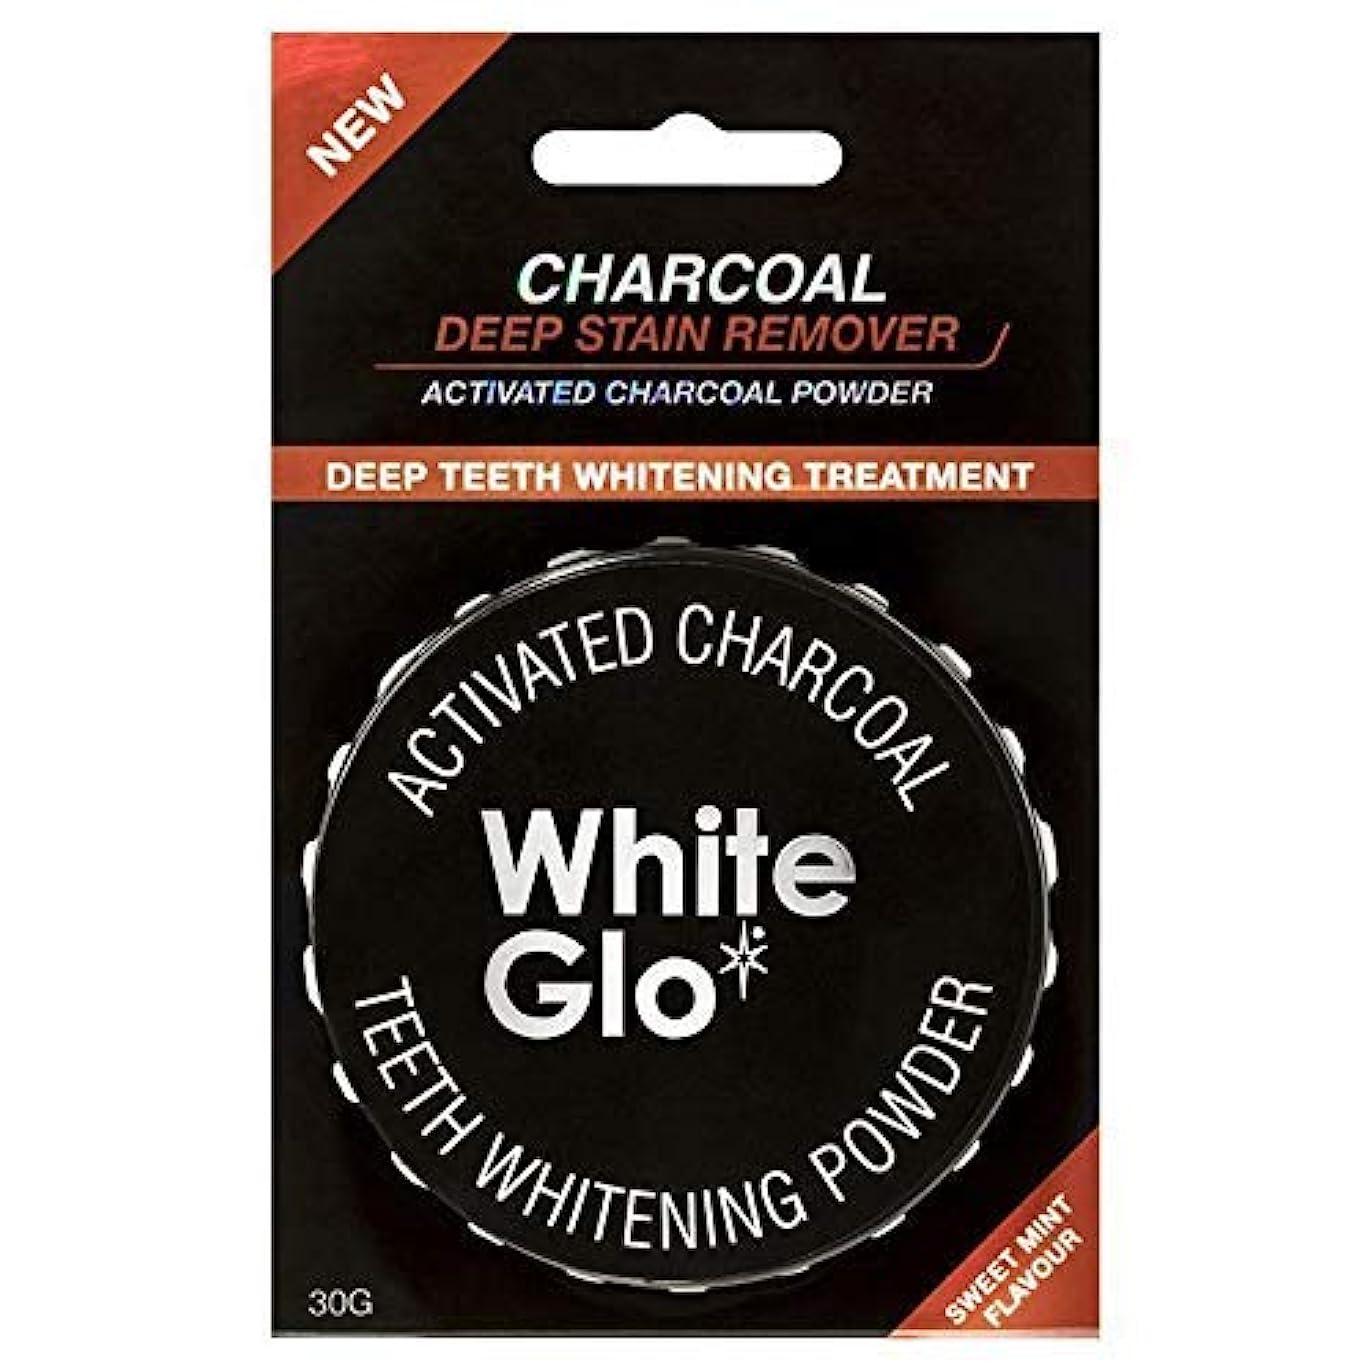 決してツインを必要としていますTeeth Whitening Systems White Glo Activated Charcoal Teeth Whitening Powder 30g Australia / システムを白くする歯を白くする歯の粉...